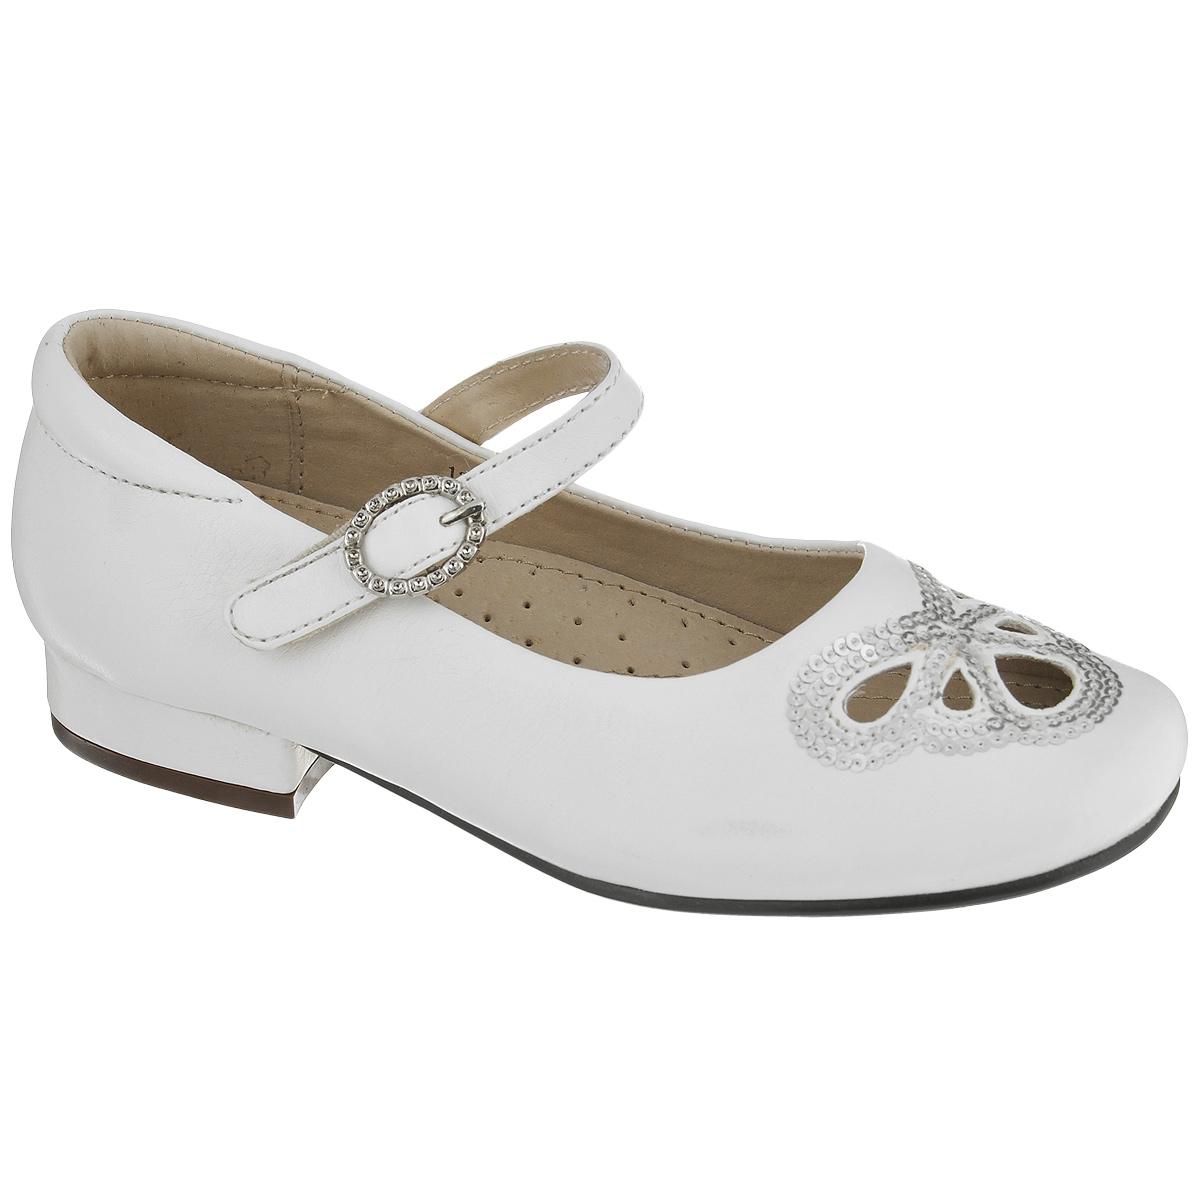 Туфли для девочки. 13-36513-365Модные туфли от Аллигаша придутся по душе вашей юной моднице! Модель выполнена из искусственной кожи и оформлена перфорацией в виде бабочки, украшенной пайетками. Ремешок на застежке-липучке, дополненный декоративной металлической пряжкой, гарантирует надежную фиксацию обуви на ноге. Стелька с супинатором, выполненная из натуральной кожи, обеспечивает правильное положение ноги ребенка при ходьбе, предотвращает плоскостопие. Рифленая поверхность каблука и подошвы защищает изделие от скольжения. Удобные туфли займут достойное место в гардеробе вашей девочки.